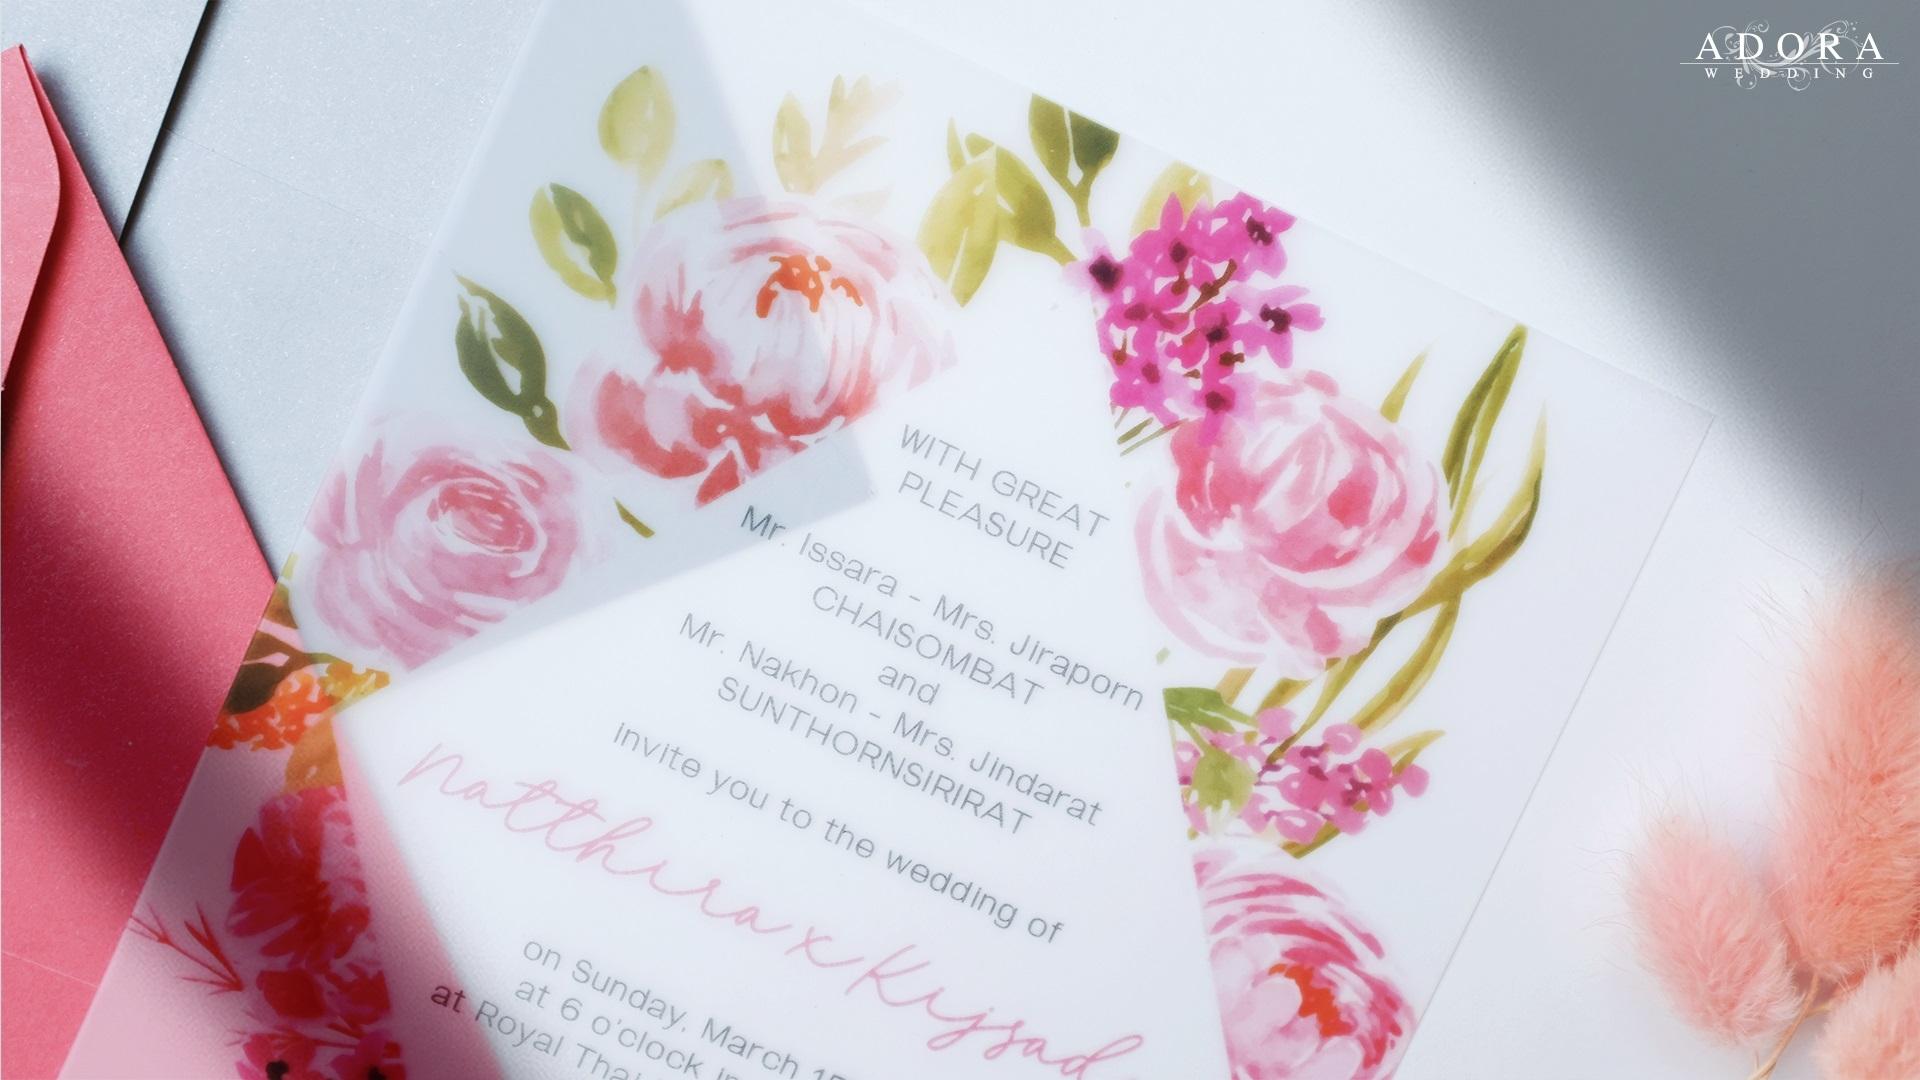 B122LM-wedding-card-4